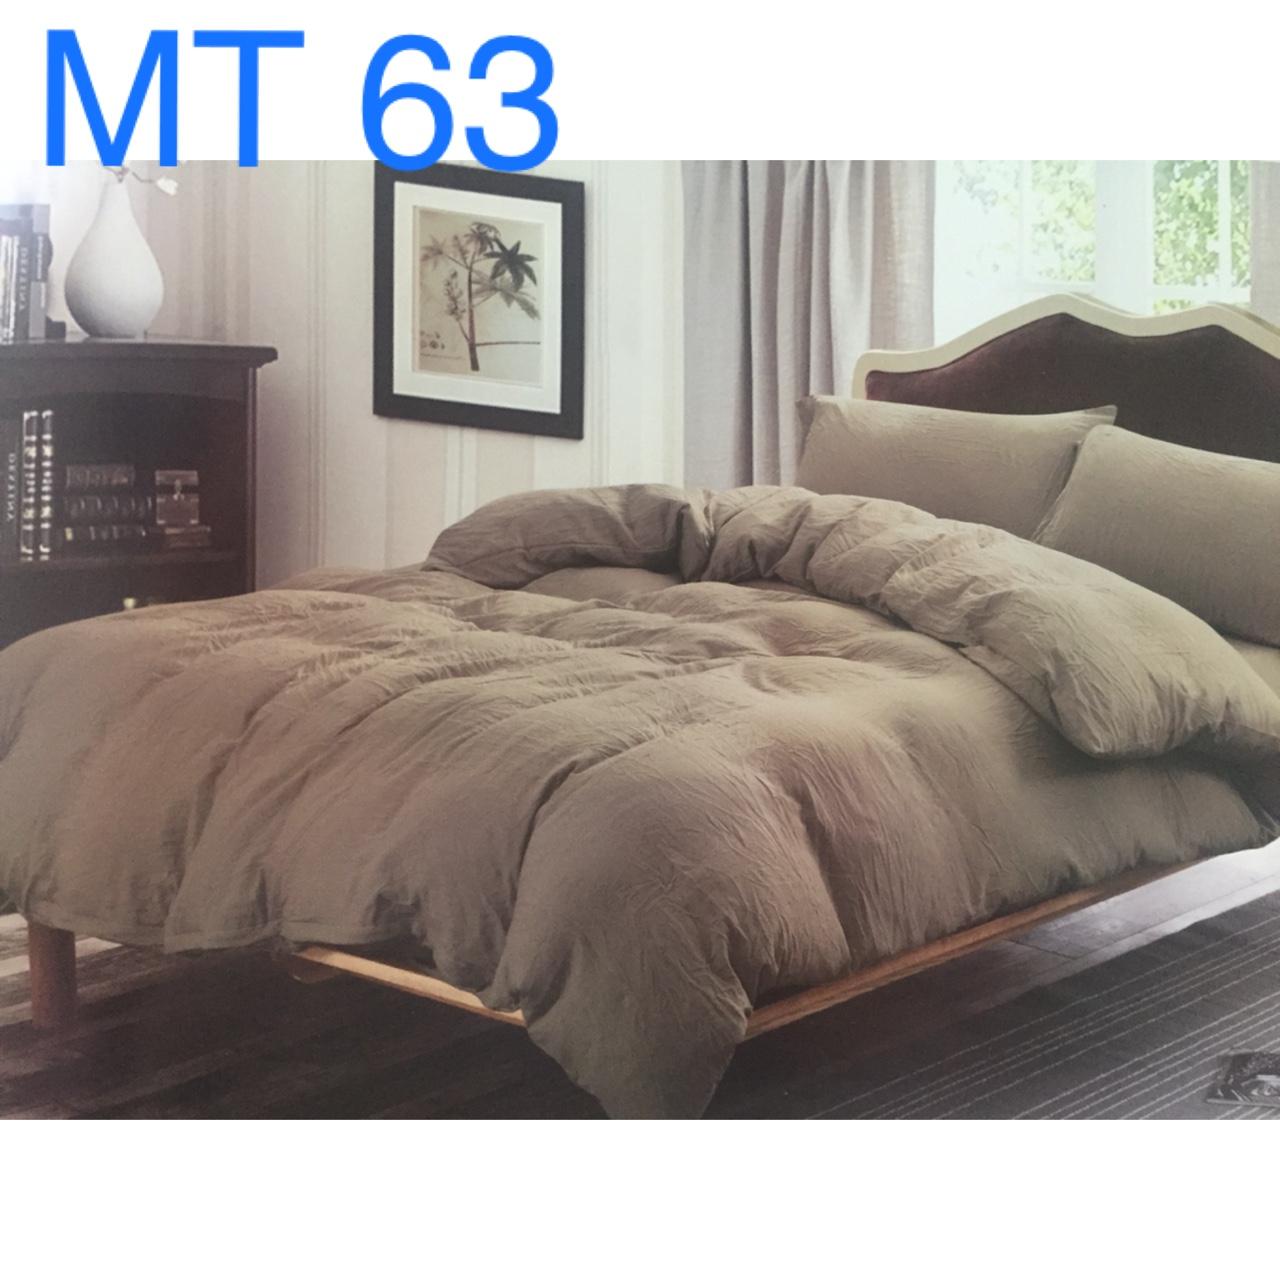 Bộ chăn ga màu trơn Hàn Quốc - MT63